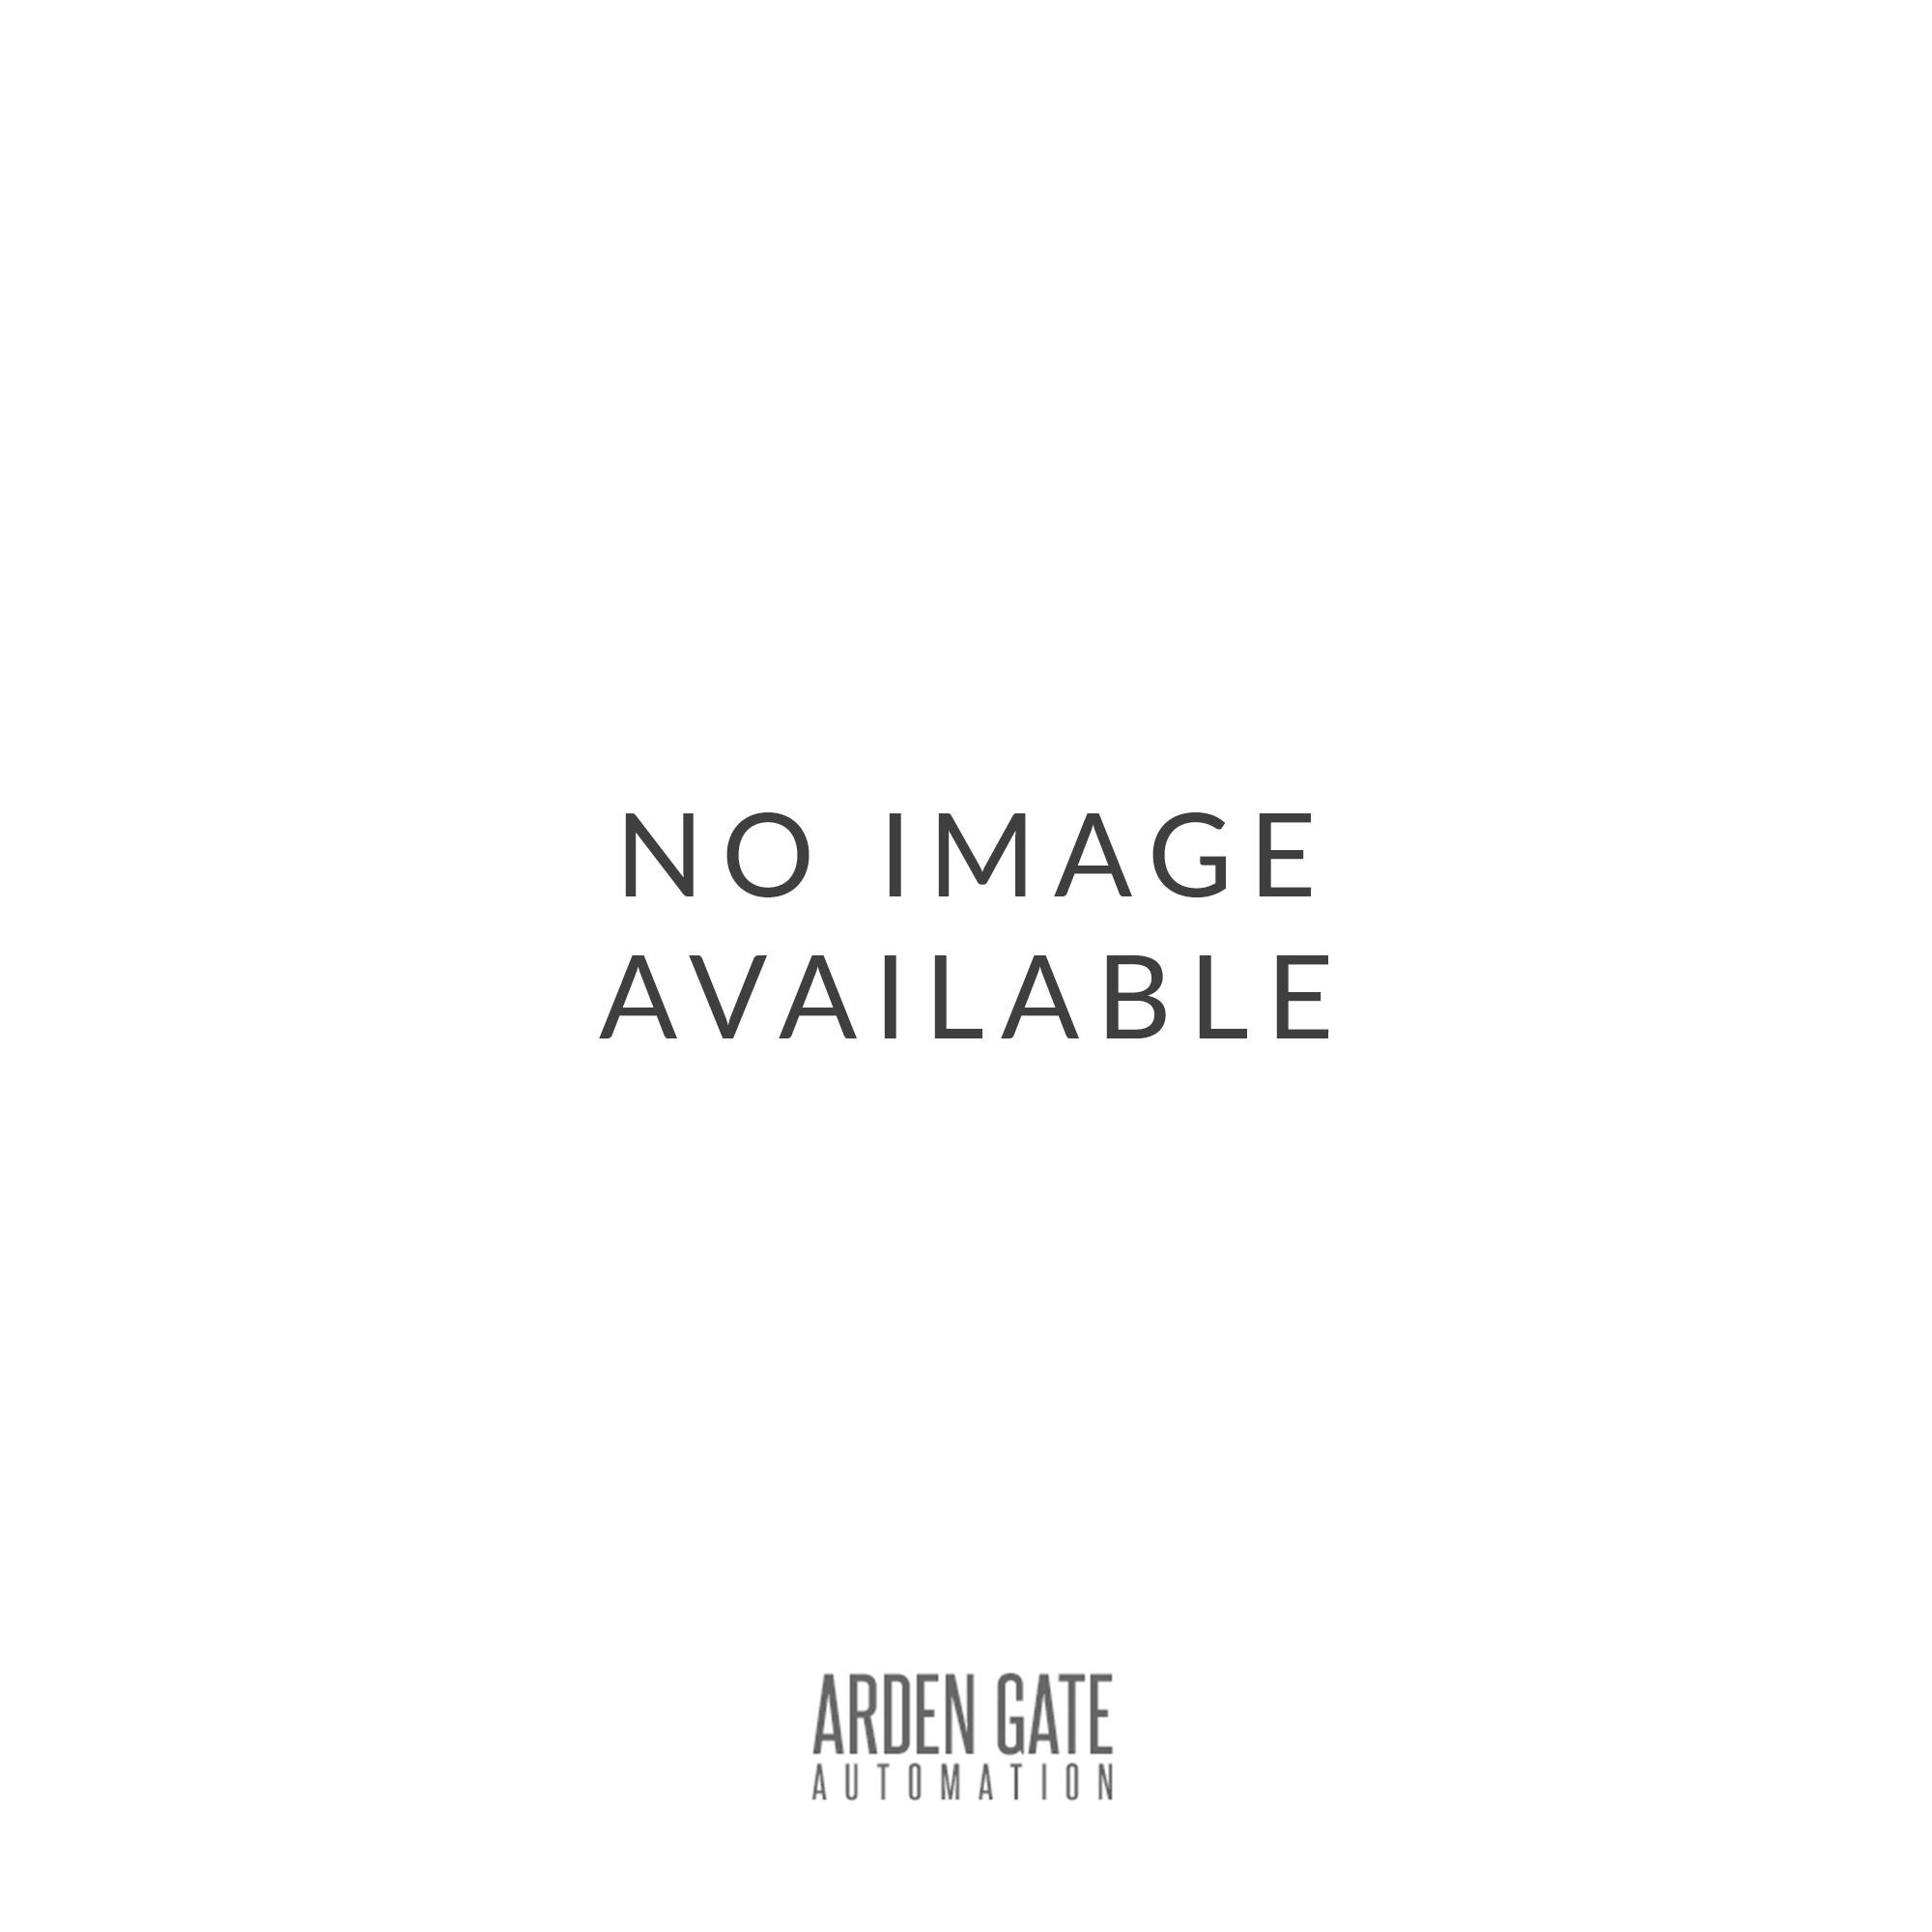 CDVI Moon Online Access Control